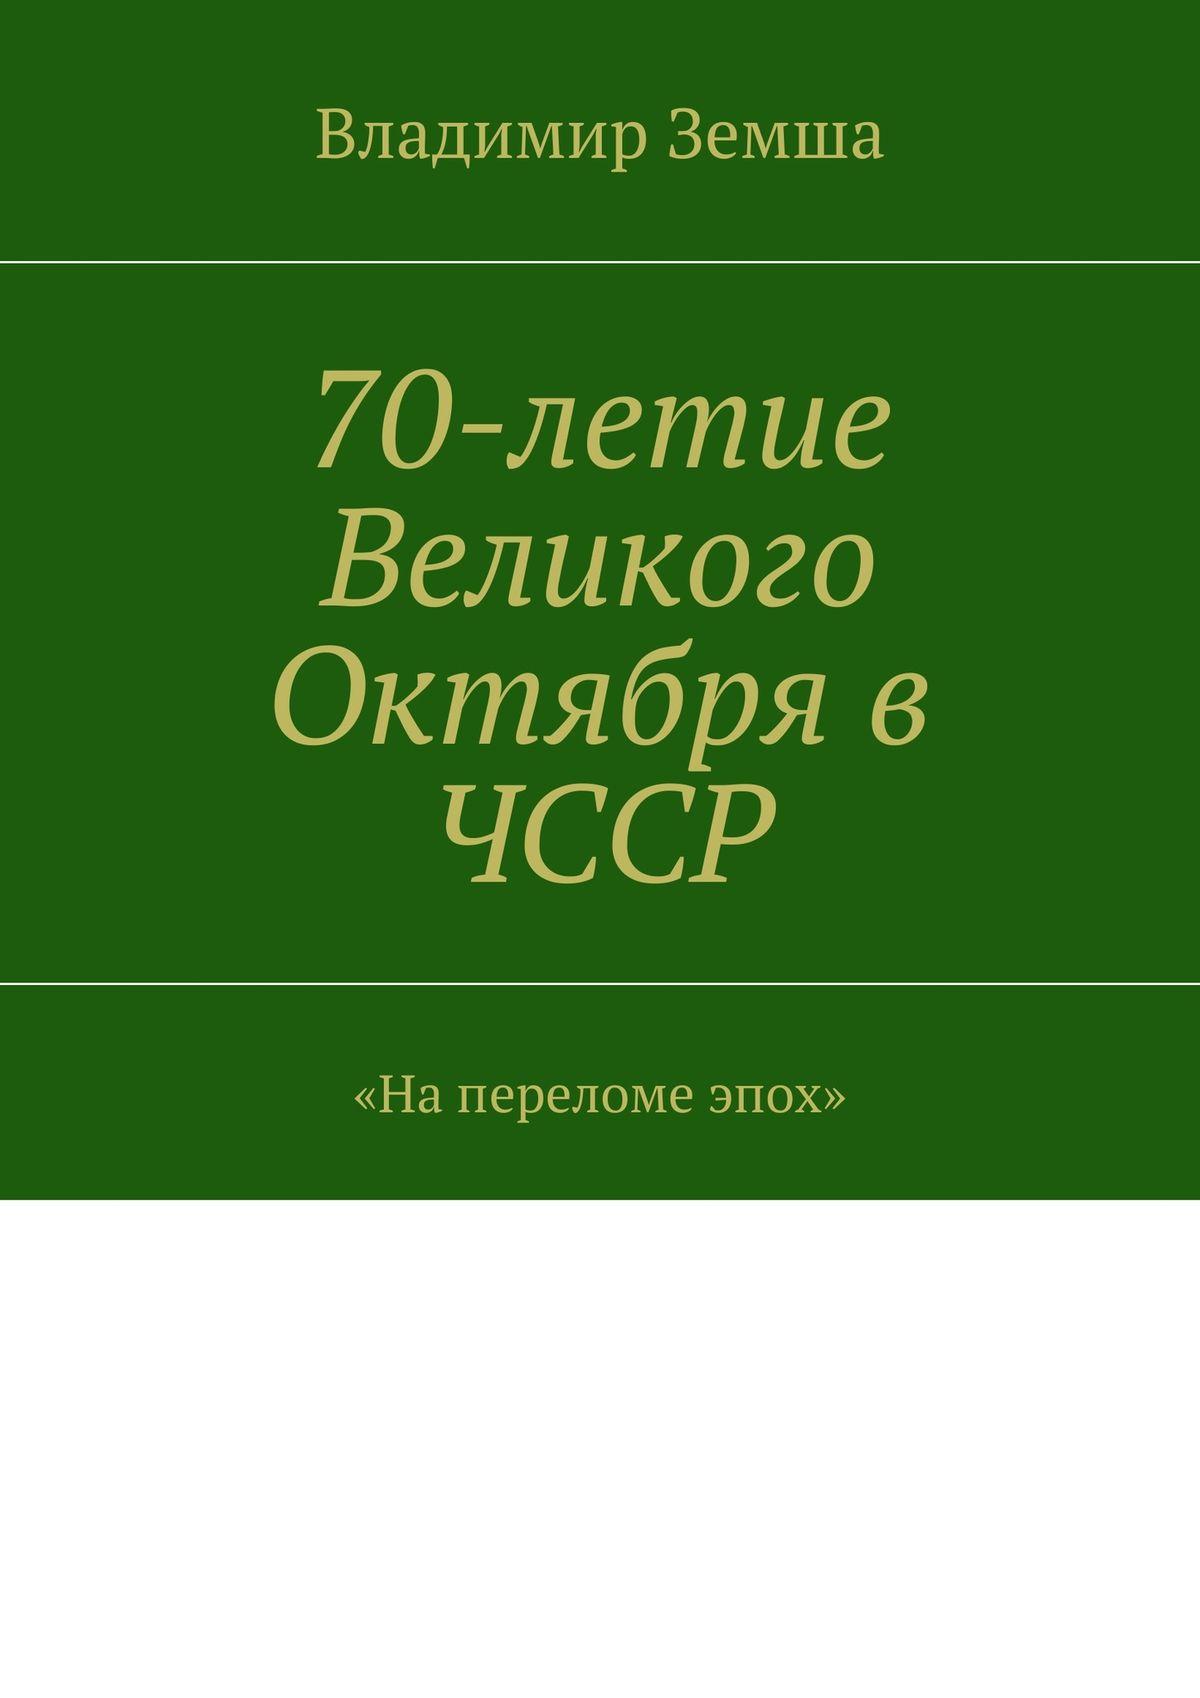 70-летие Великого Октября в ЧССР